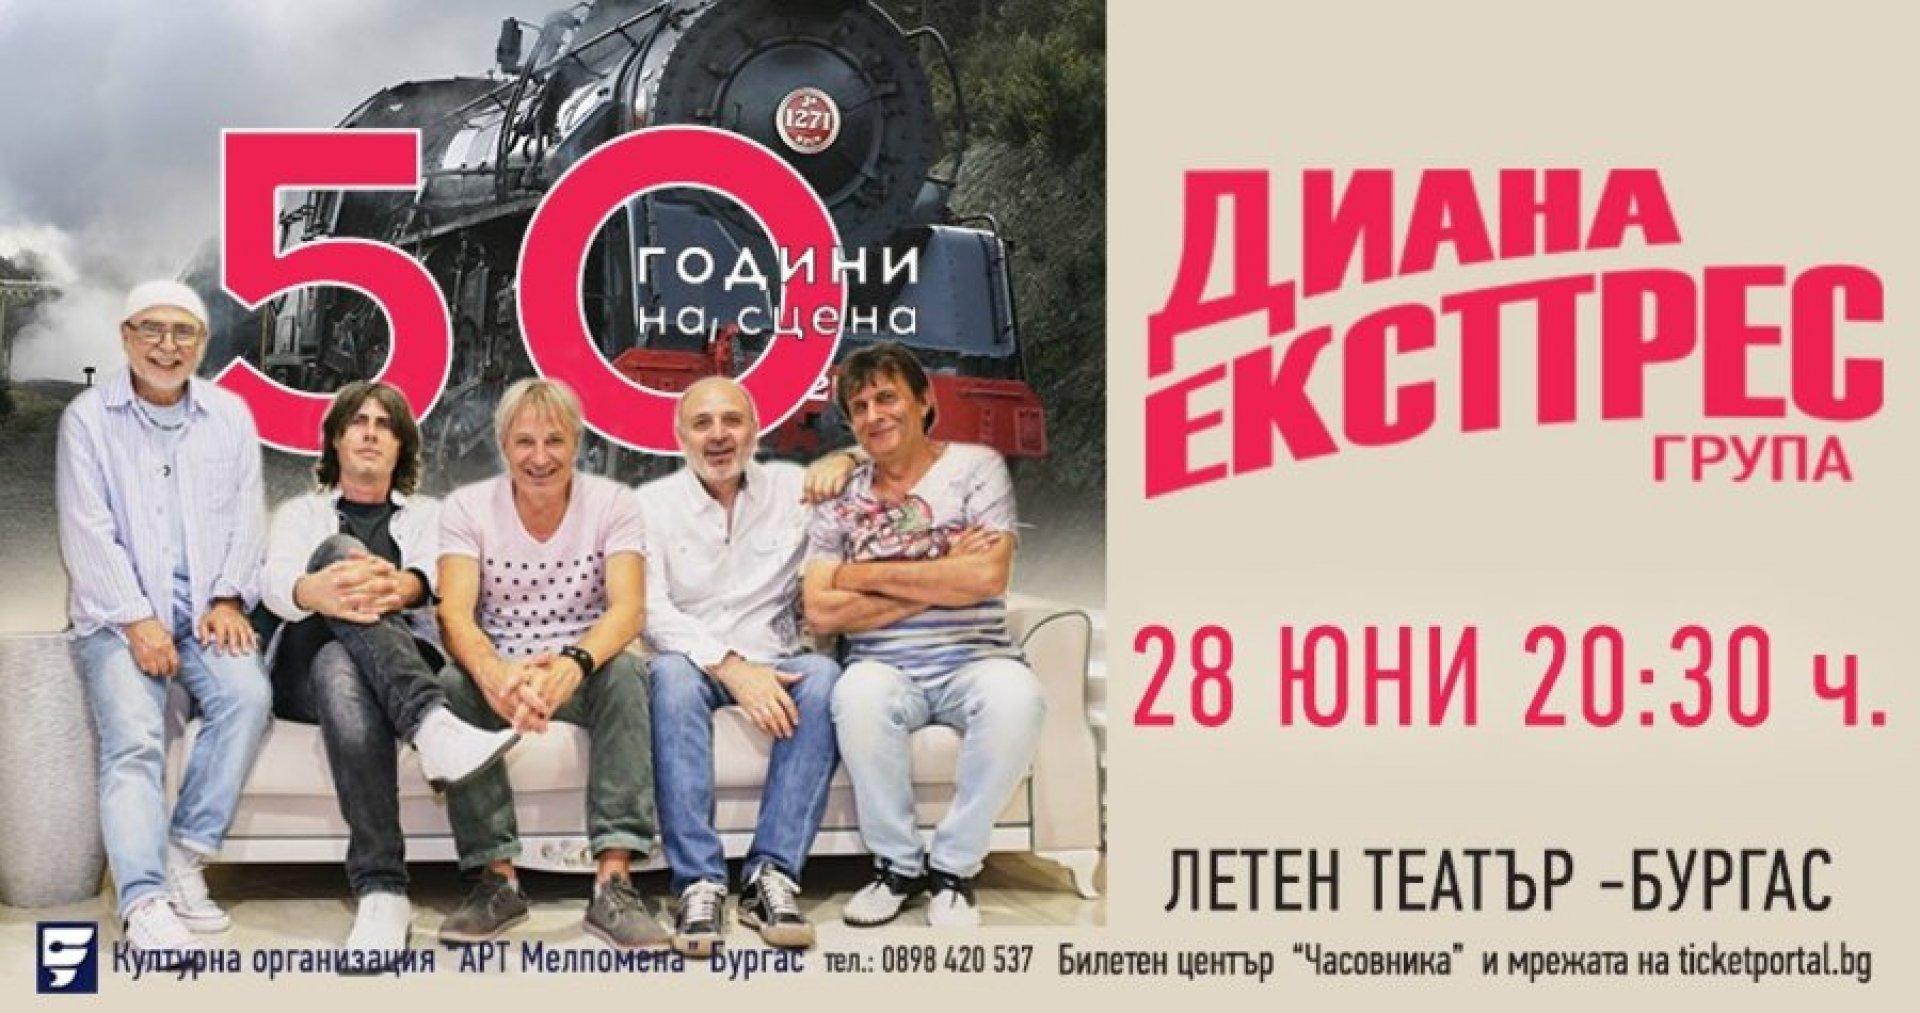 Групата ще зарадва почитателите си с концерт в морския град